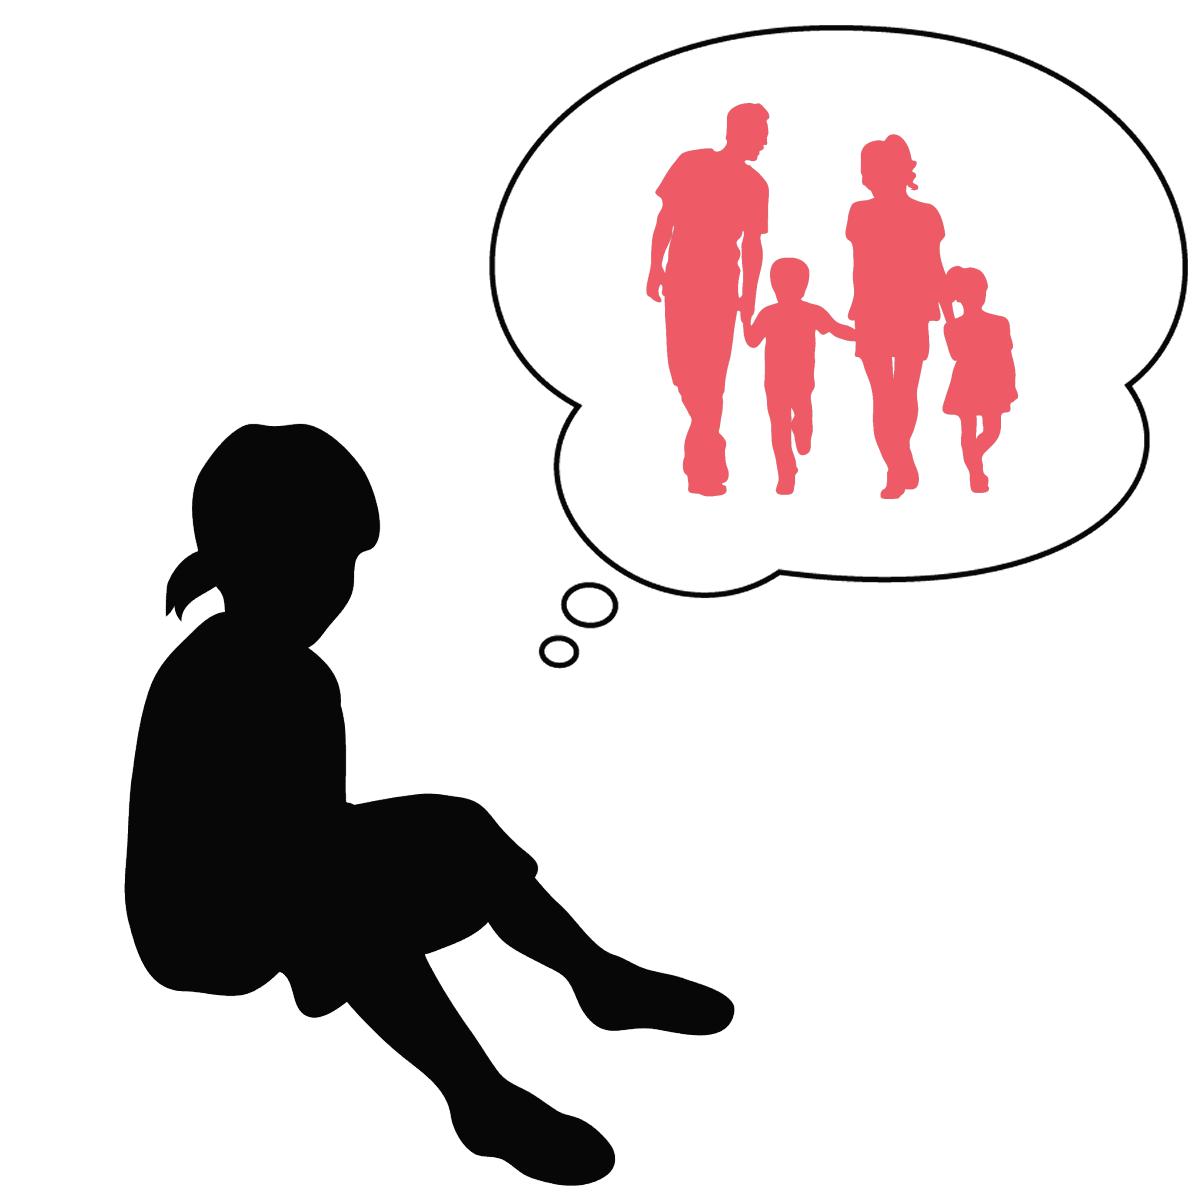 アダルトチルドレンの願いは「毒親」と「機能不全家族」の健全化であることを表しているイラスト